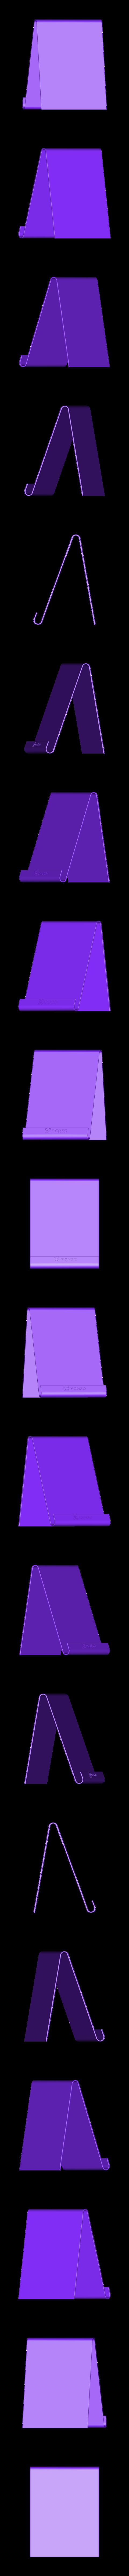 Brochure_Stand.STL Télécharger fichier STL gratuit Porte-brochures • Design pour impression 3D, BCN3D